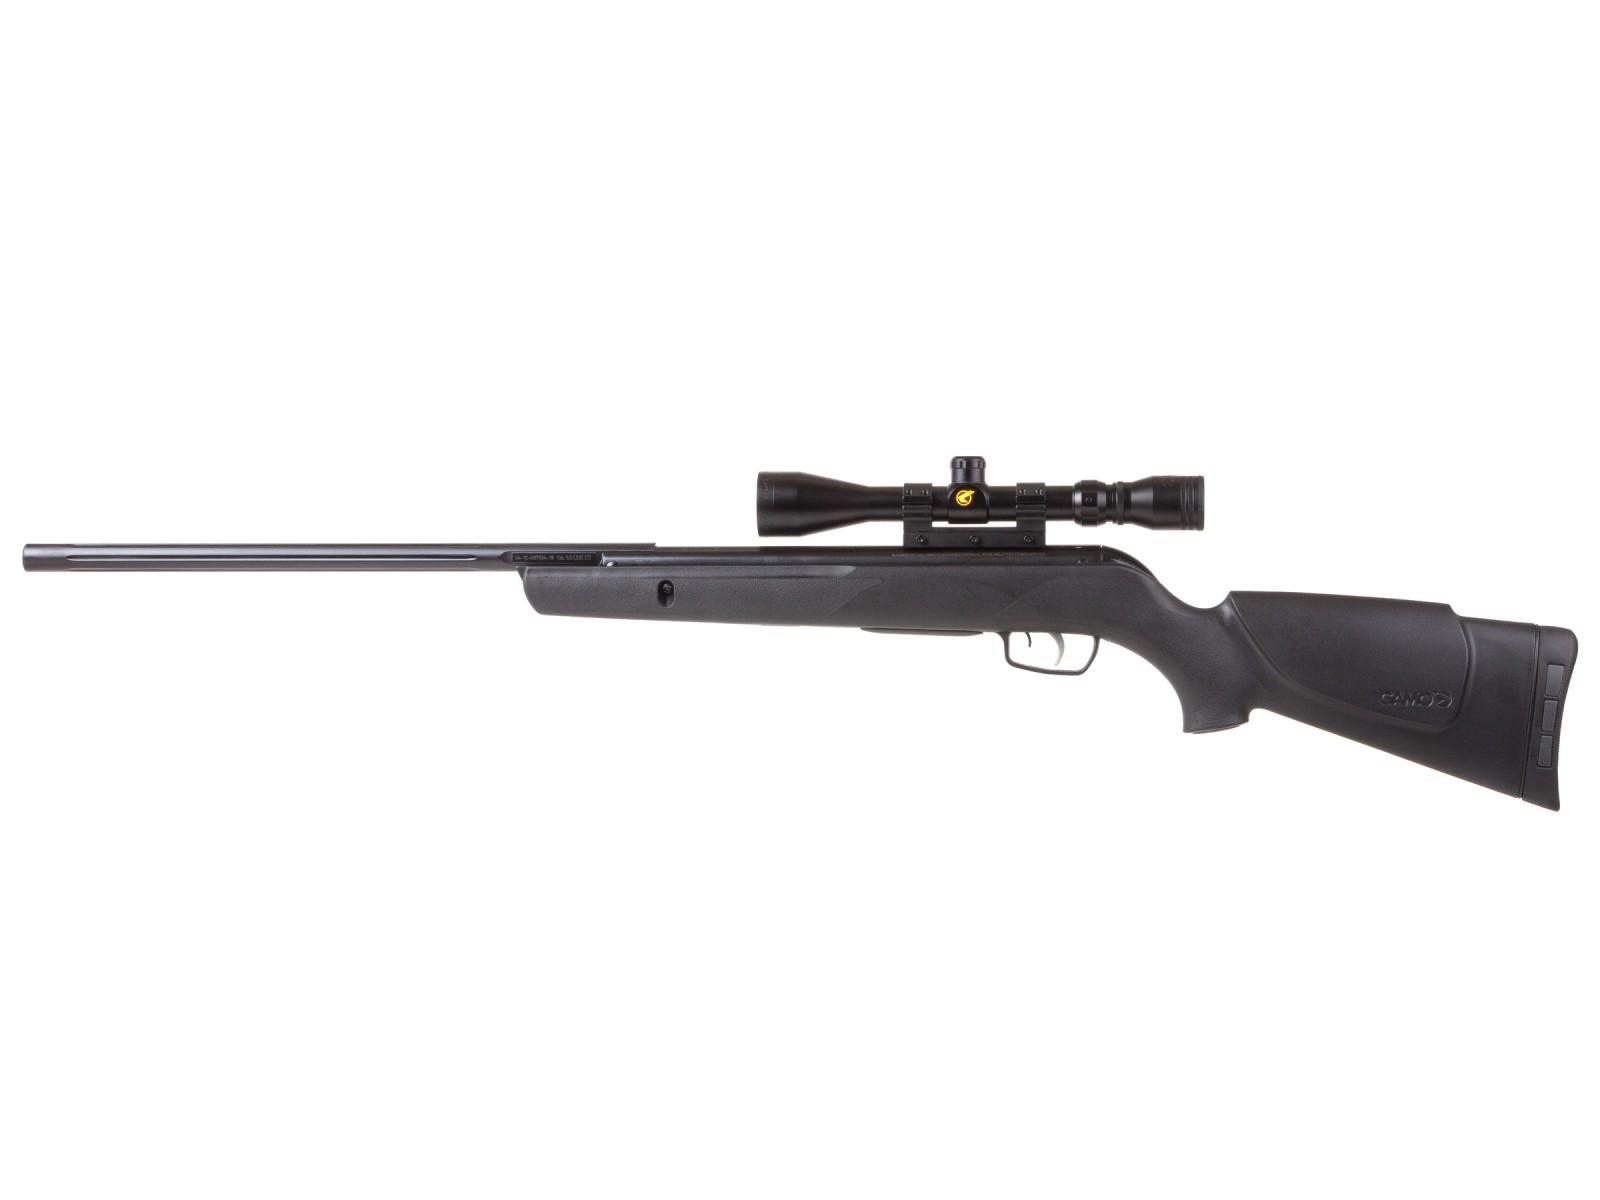 Gamo Big Cat 1250 .177 Caliber Air Rifle